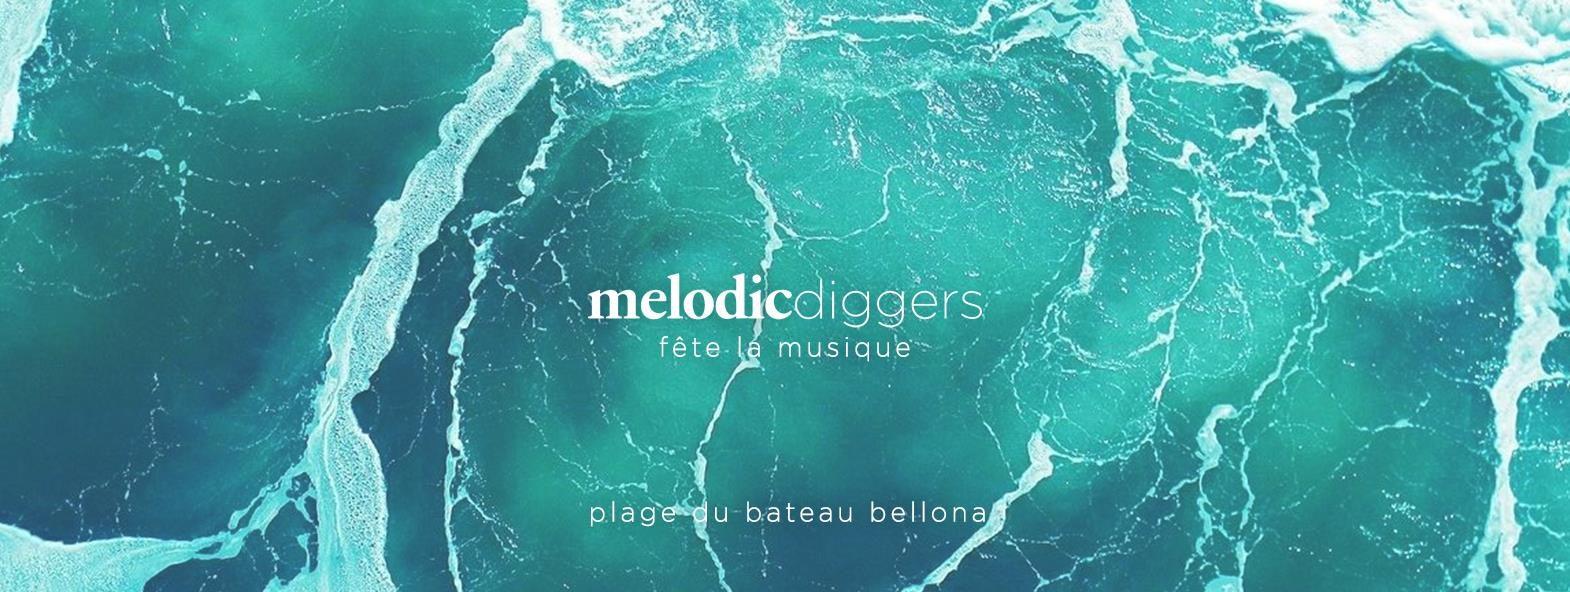 cover evenement melodic diggers fete de la musique lyon